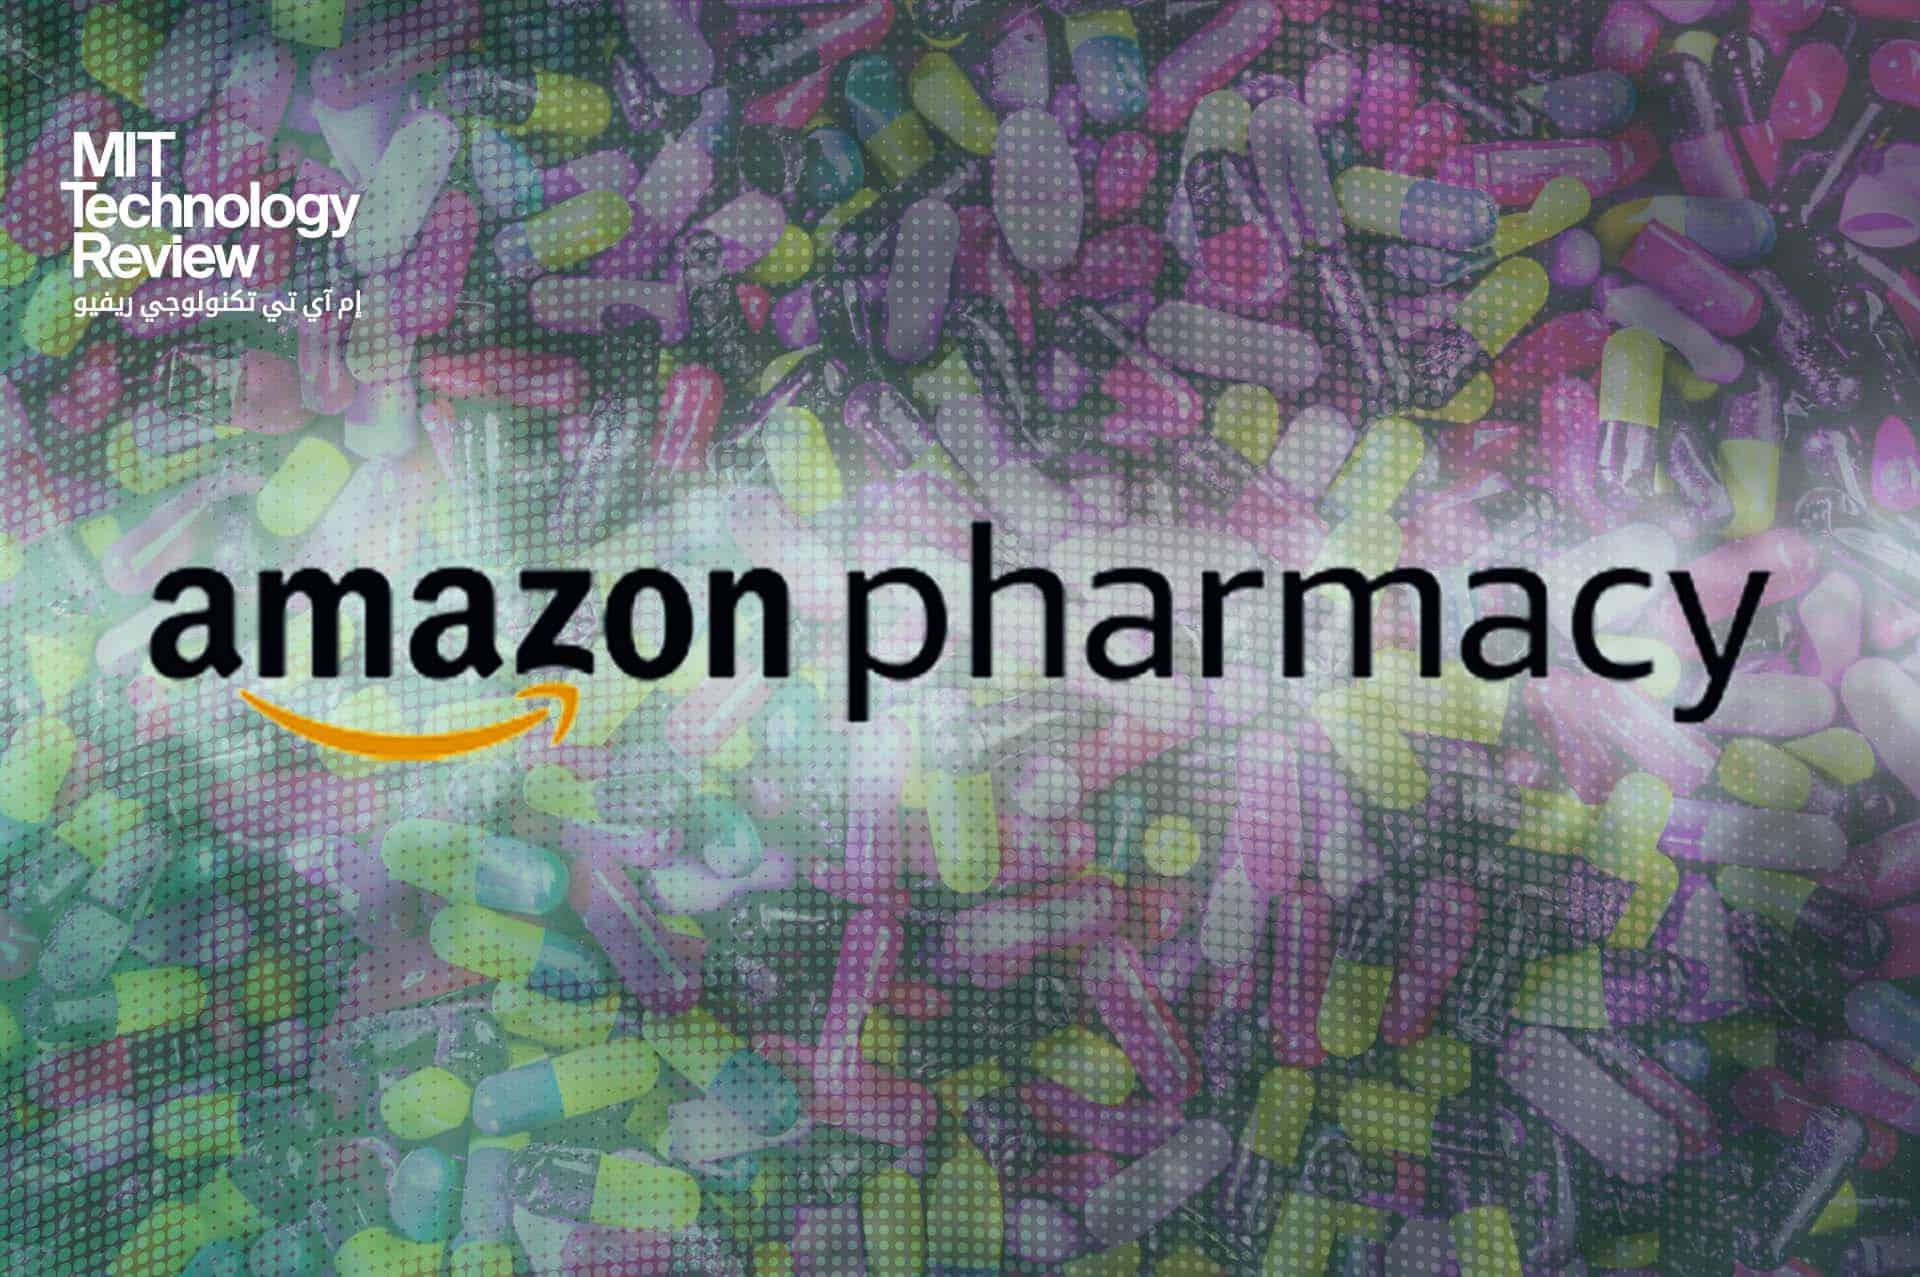 أمازون تفتتح صيدلية لبيع الدواء عبر الإنترنت